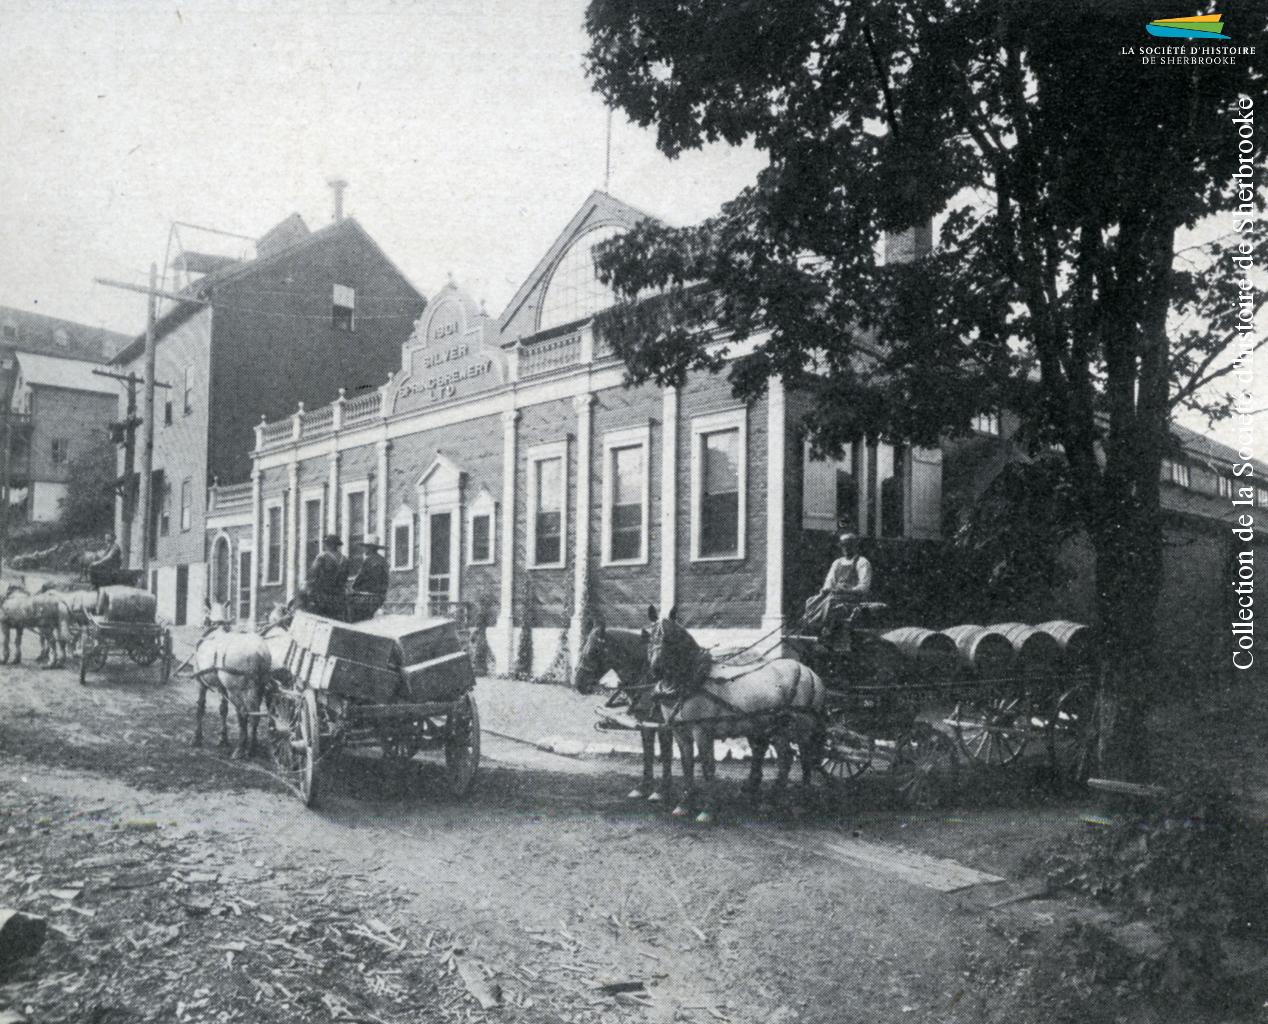 La brasserie <em>Silver Spring</em>, sur la rue Abénaquis, en 1913. En activité depuis 1896, elle ferme ses portes en 1930.